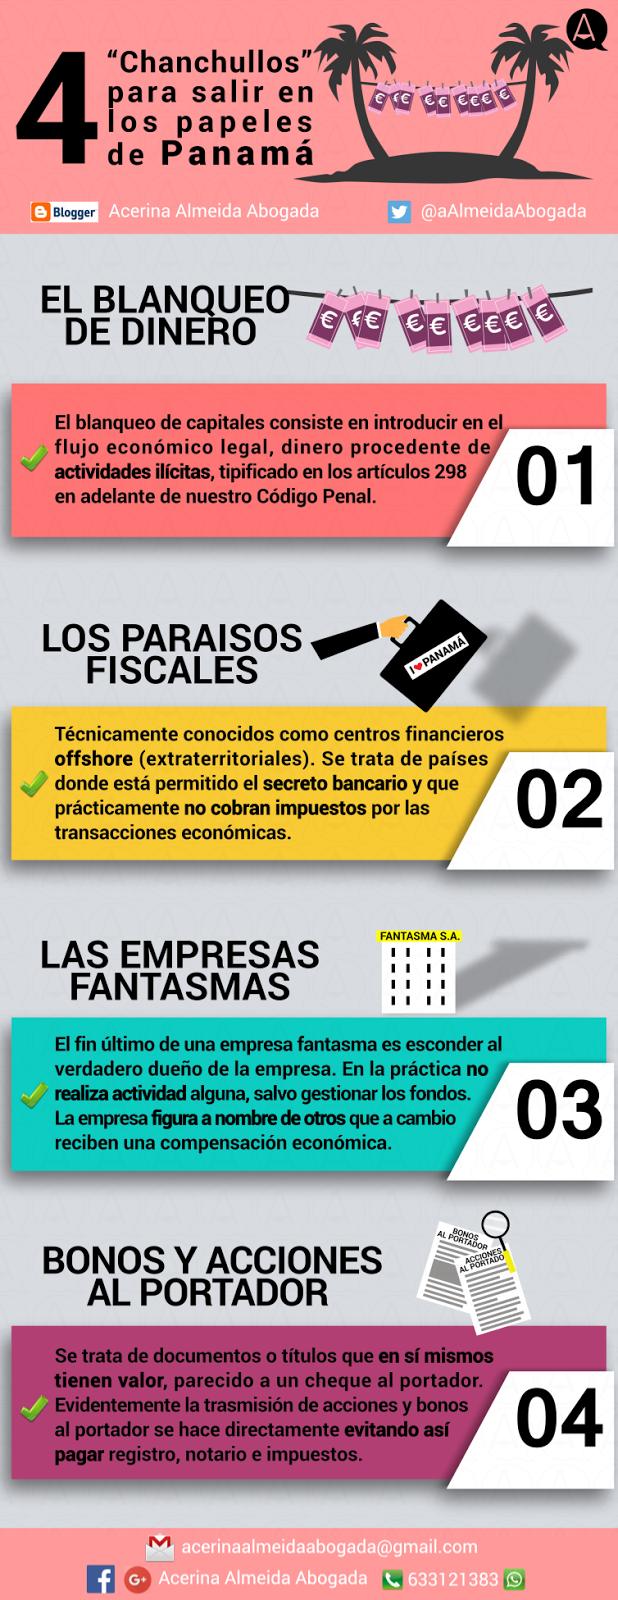 Infografía sobre paraísos fiscales y cómo evaden impuestos.